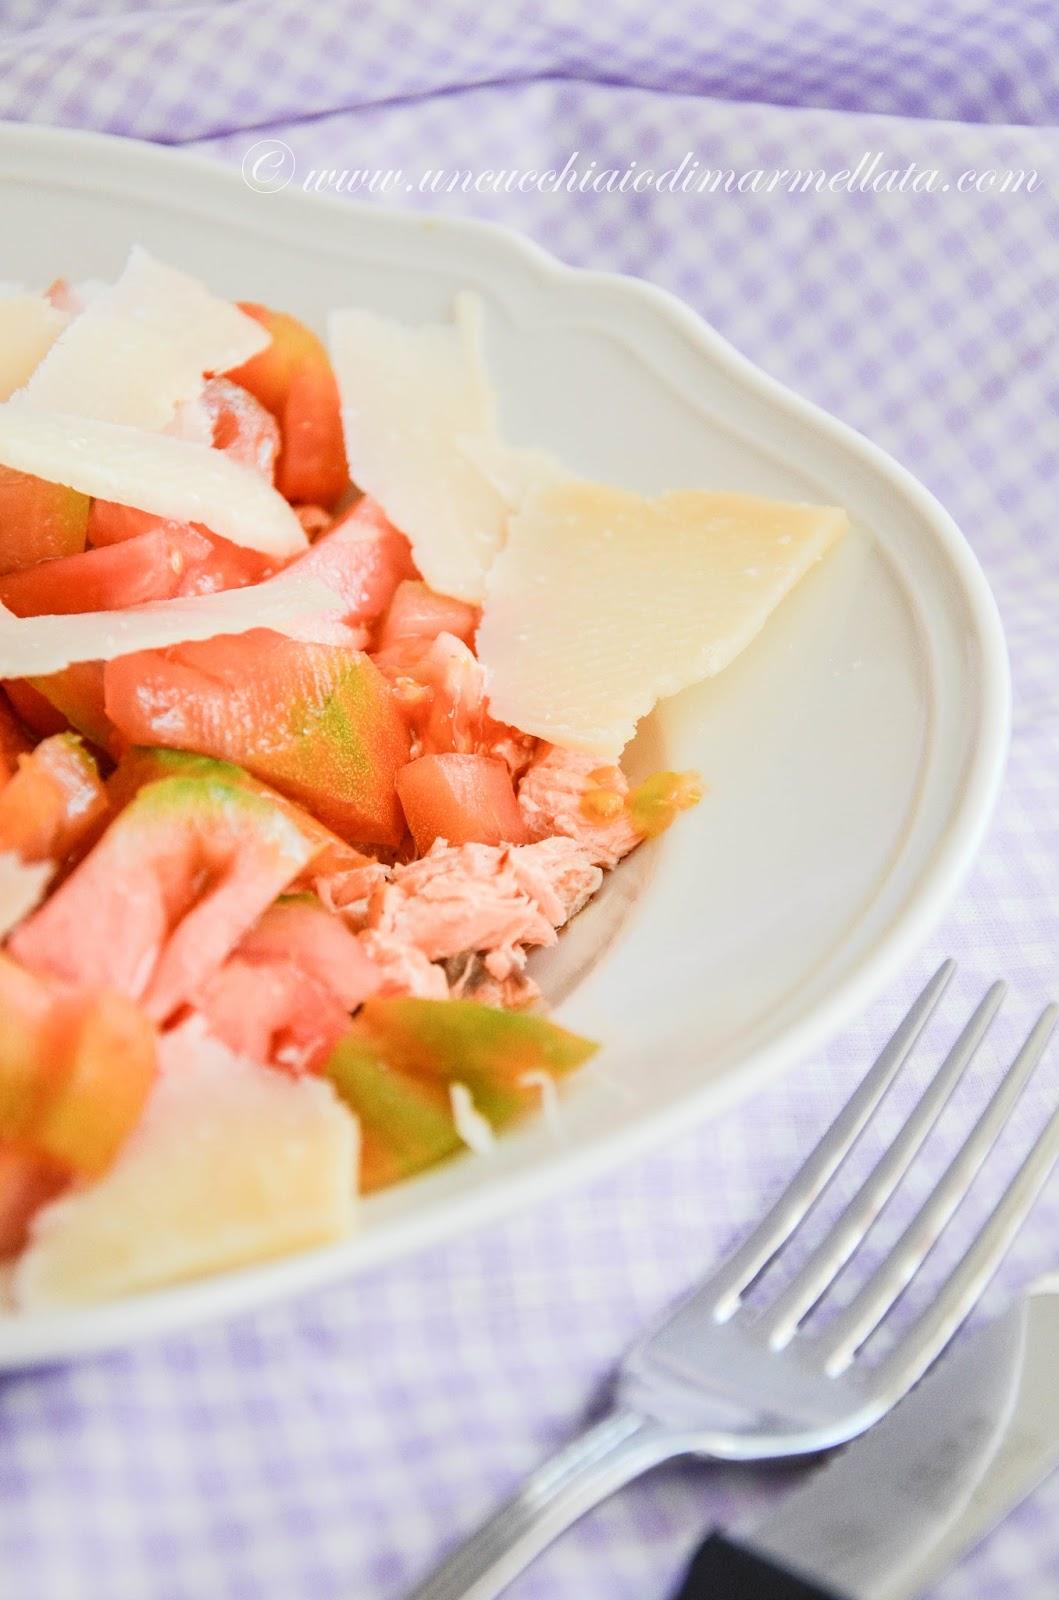 salmone in insalata